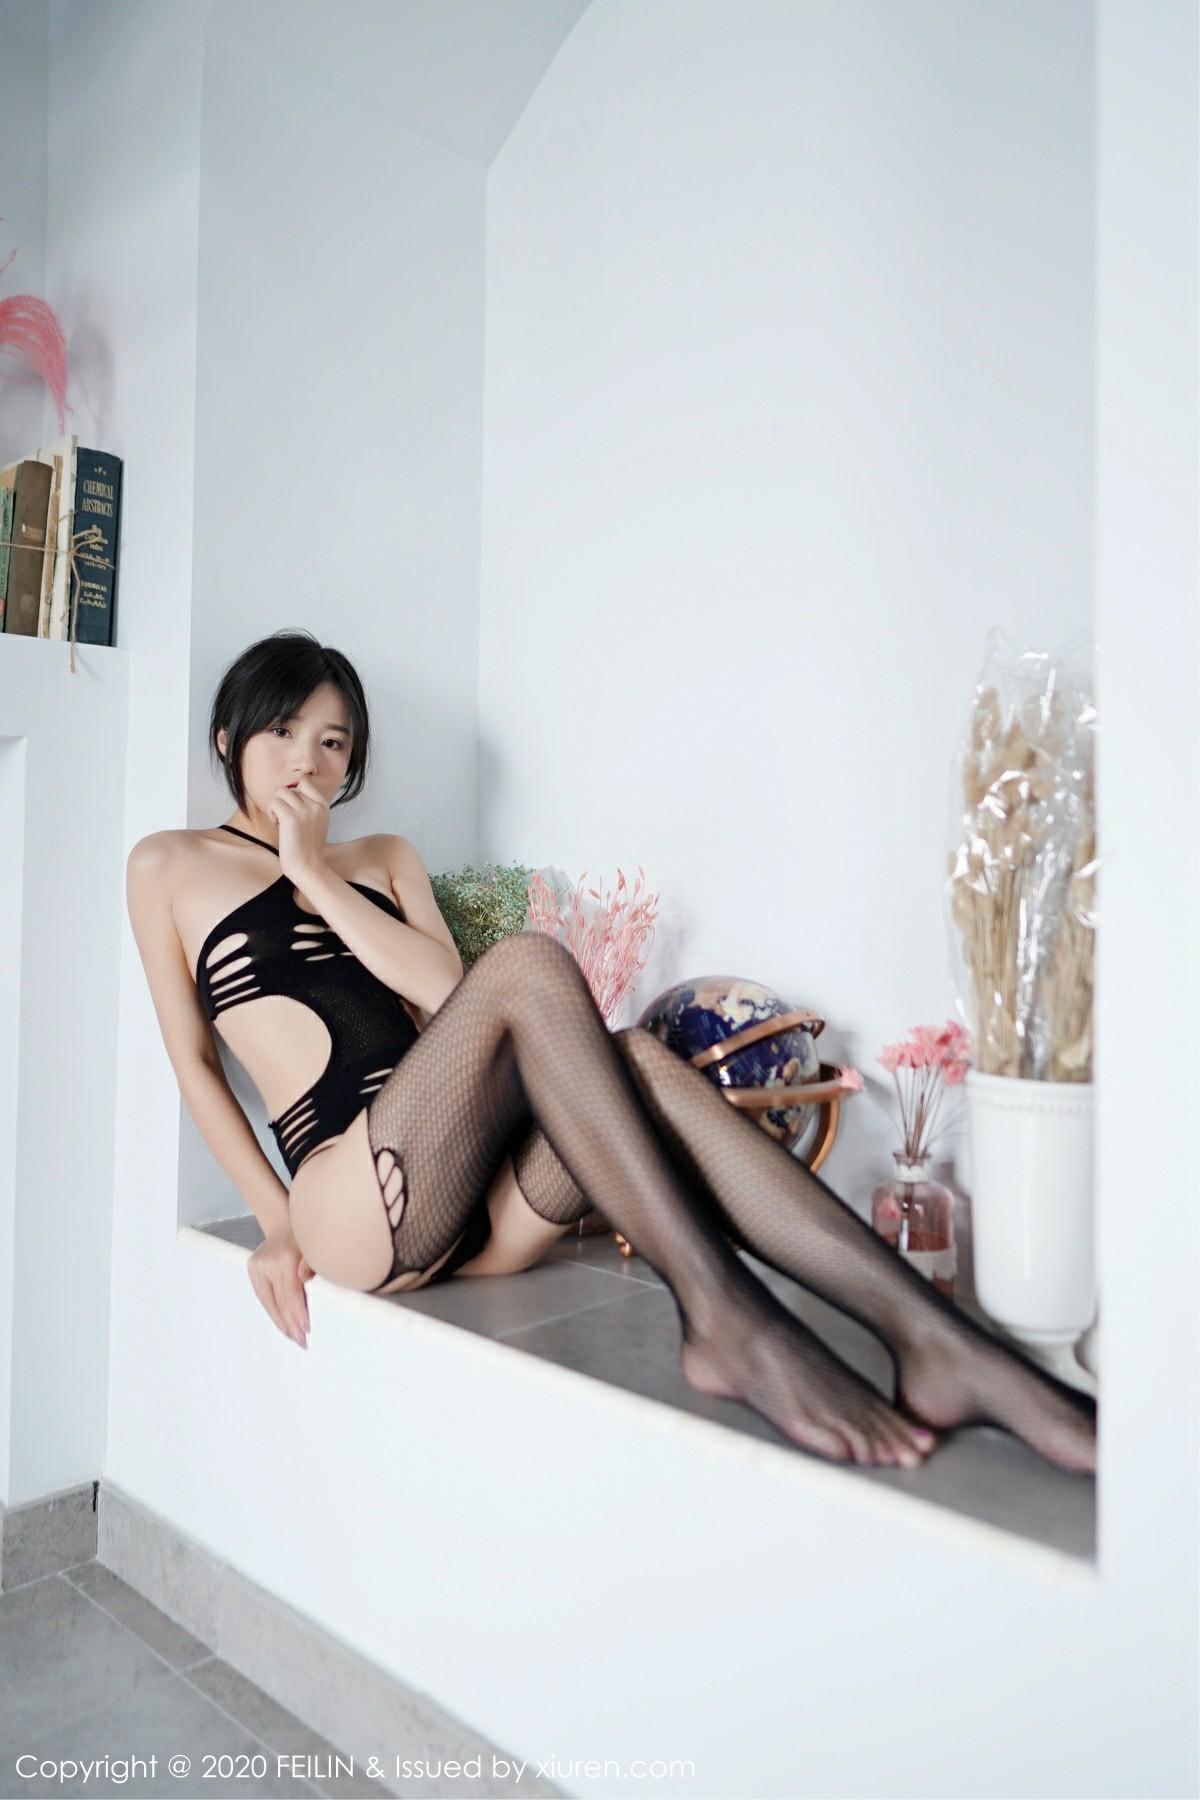 [FEILIN嗲囡囡] 2020.10.12 No.345 仓井优香 第3张